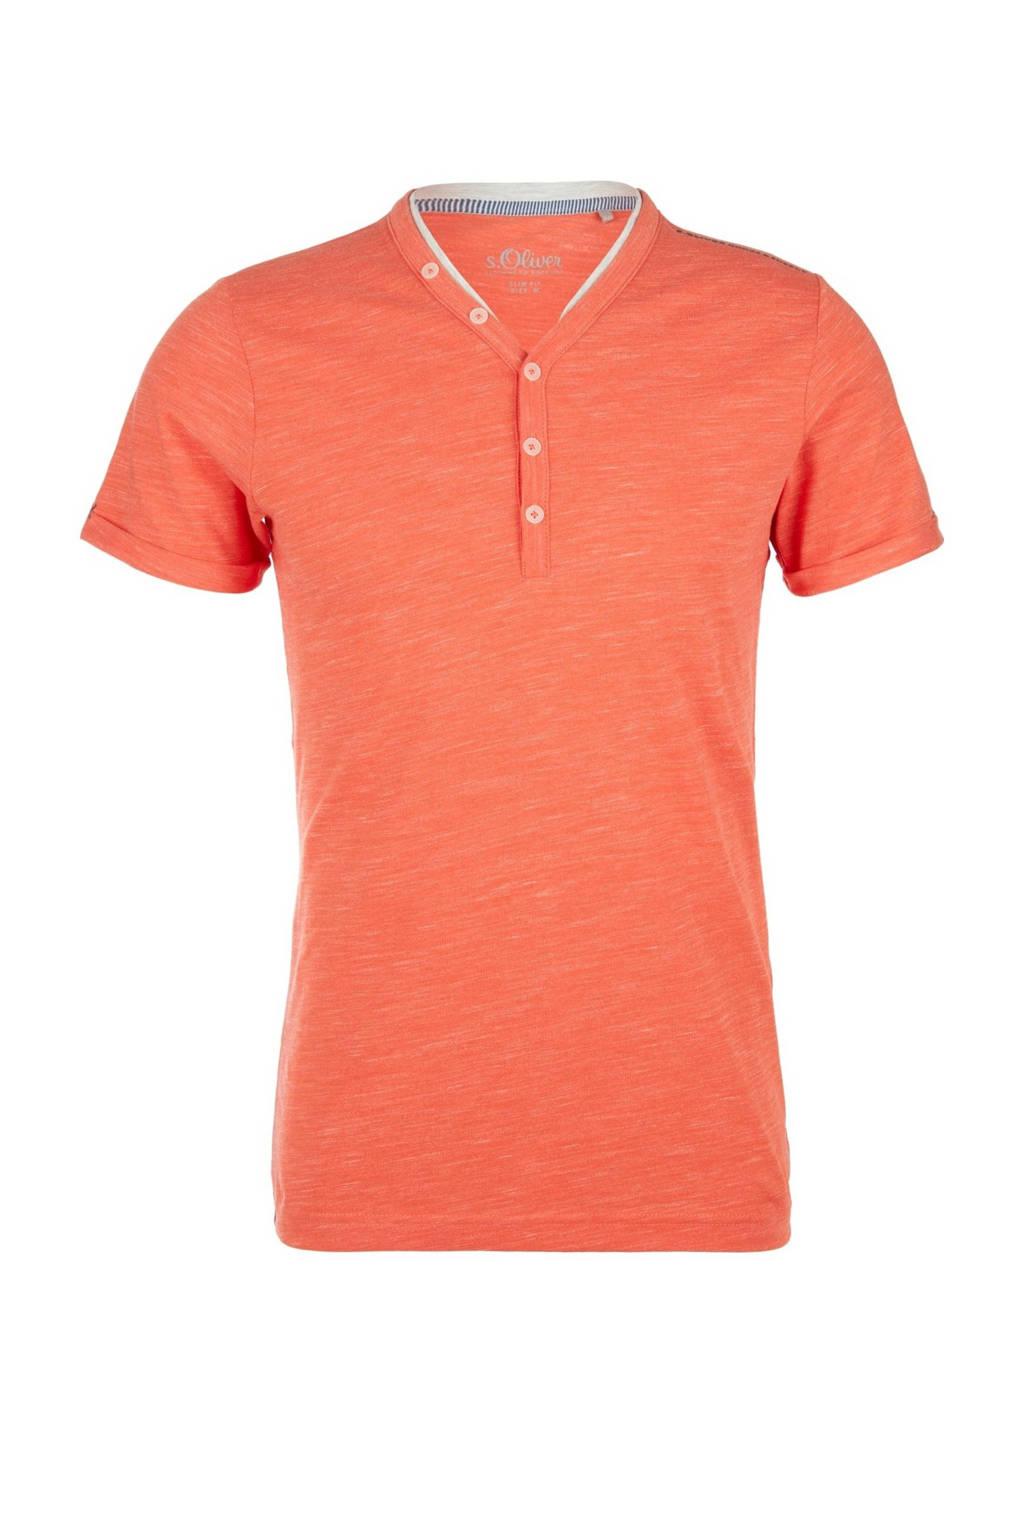 s.Oliver T-shirt oranje, Oranje